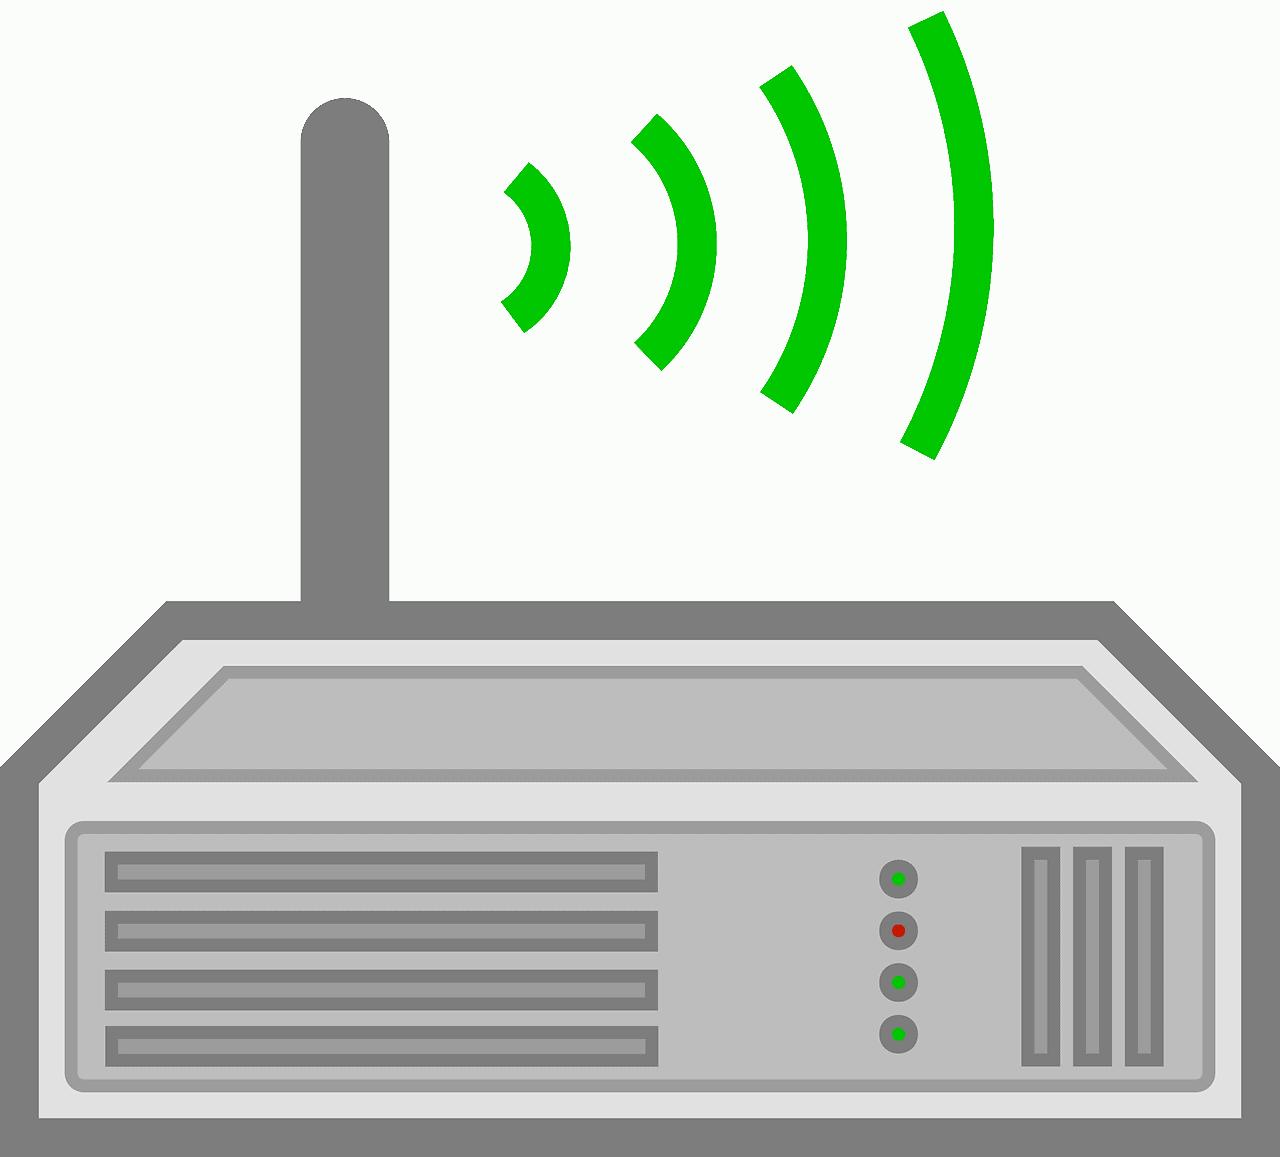 בדקנו את הטריפל של סטינג TV. מה הוא באמת כולל?